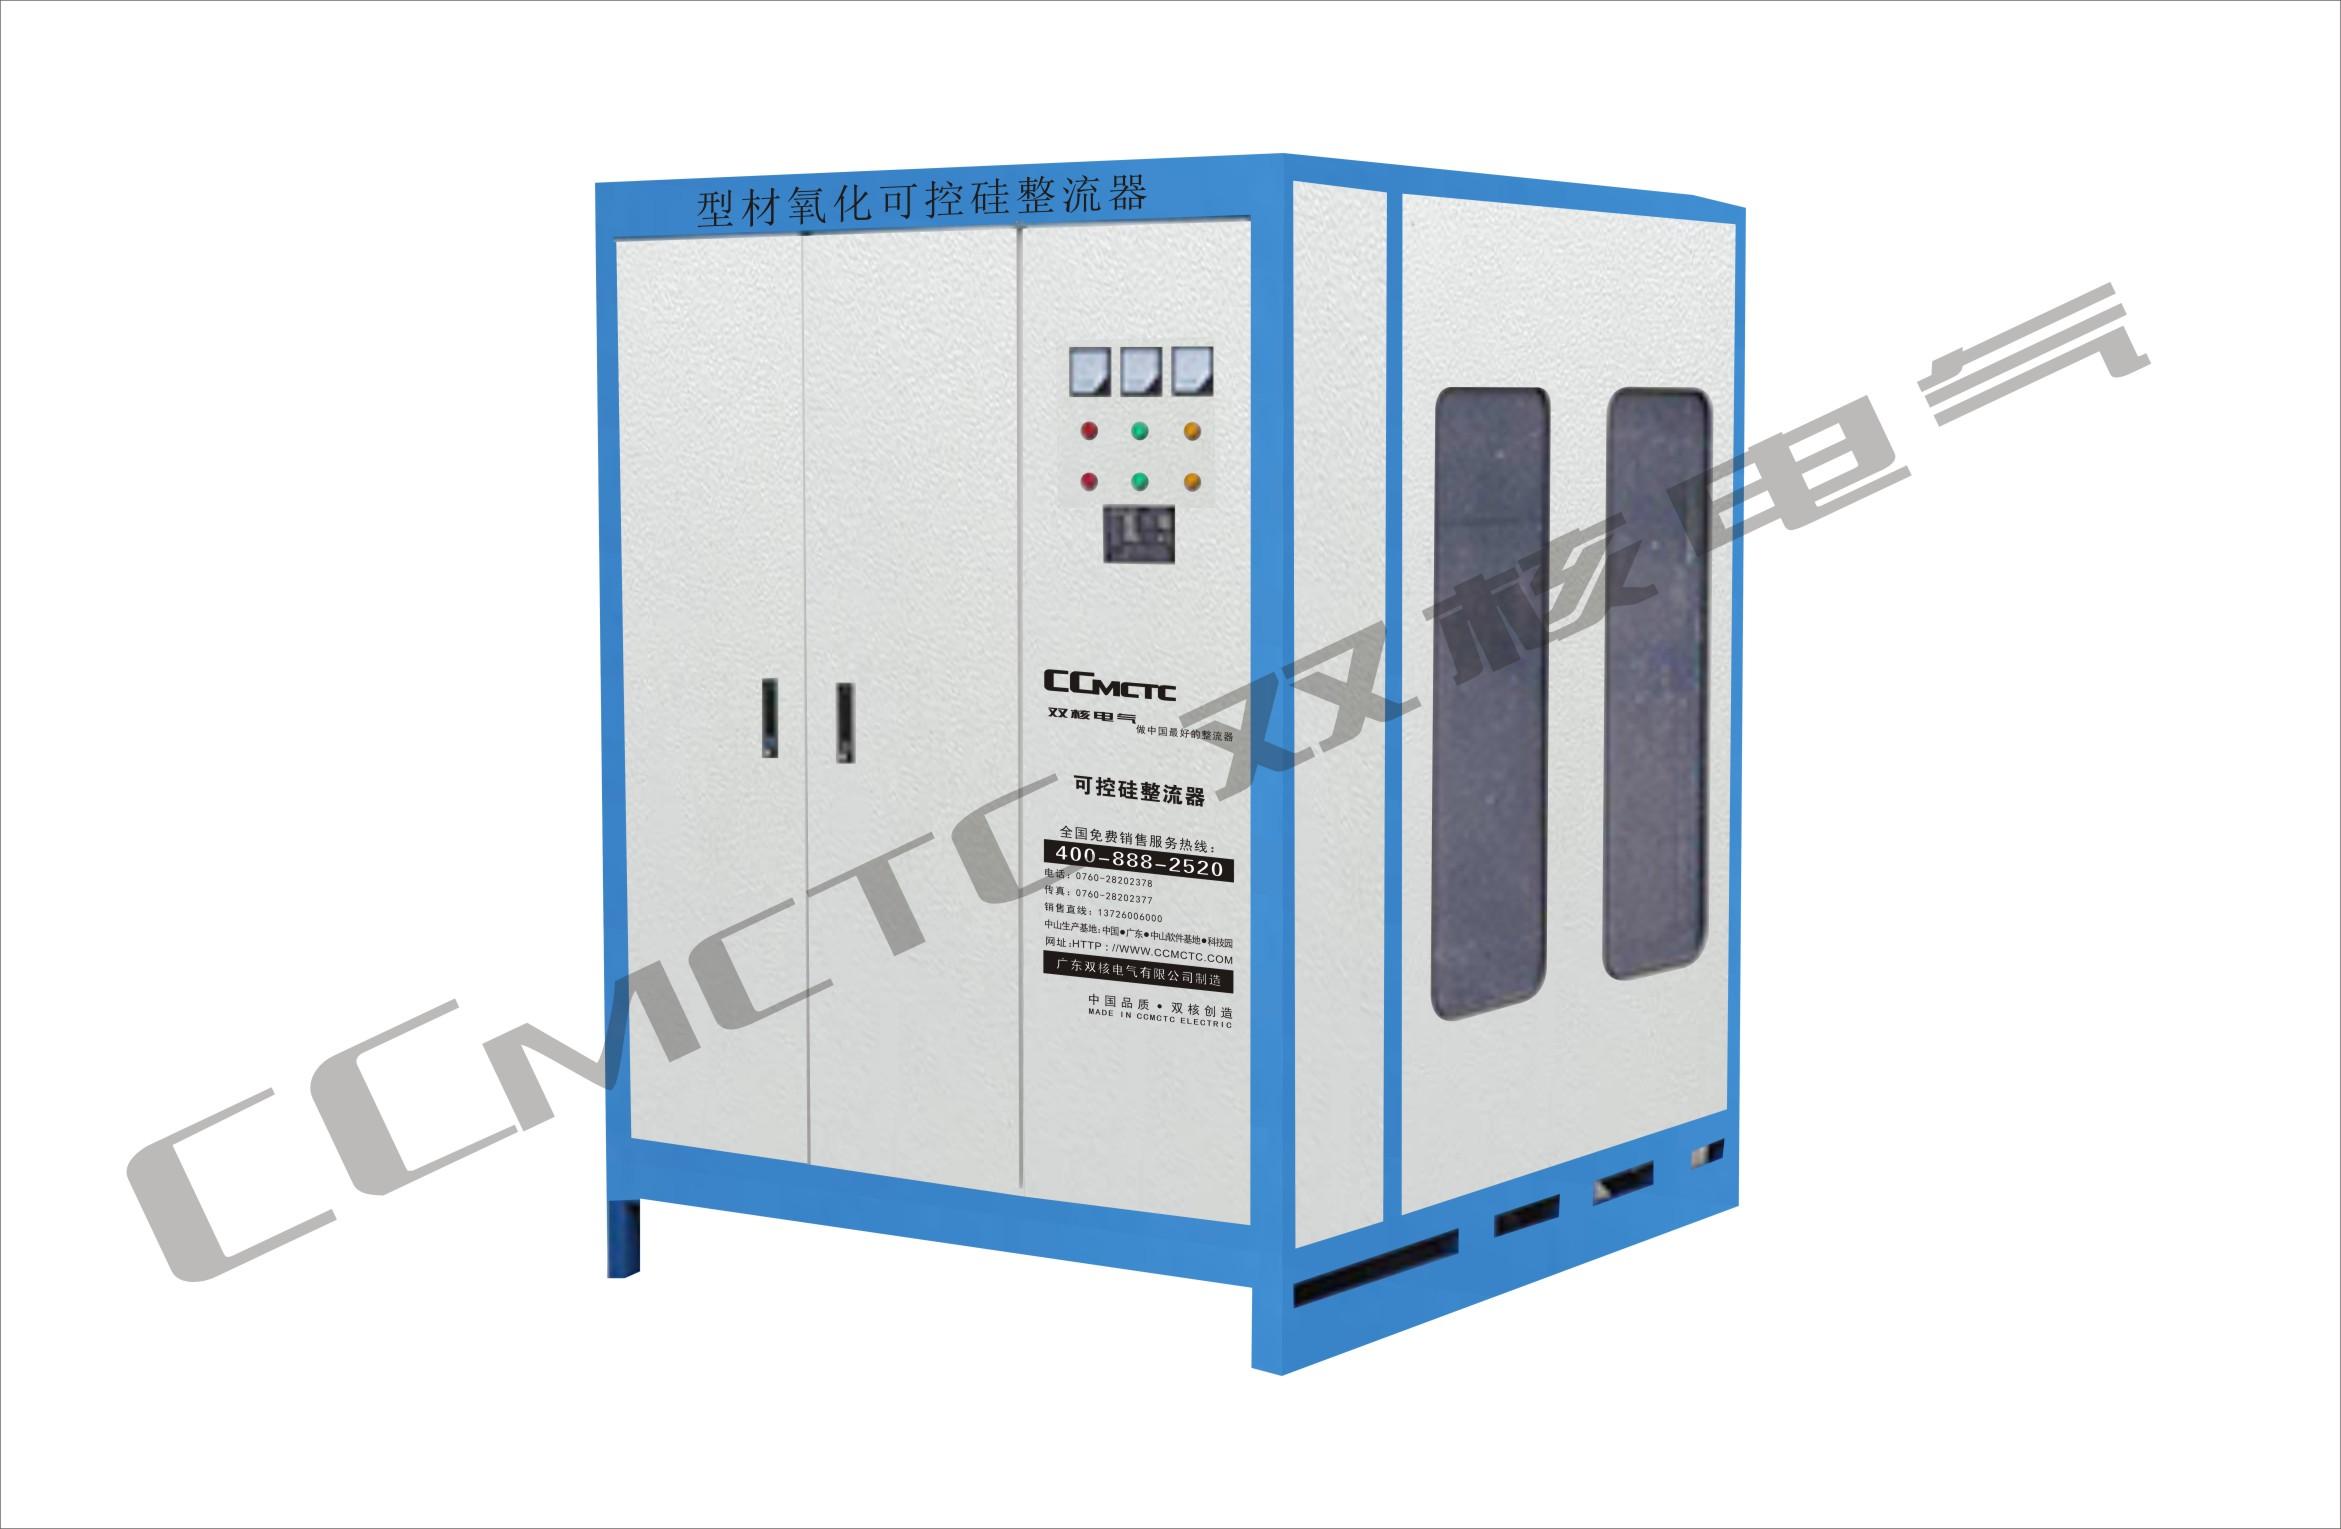 电解铝可控硅整流器